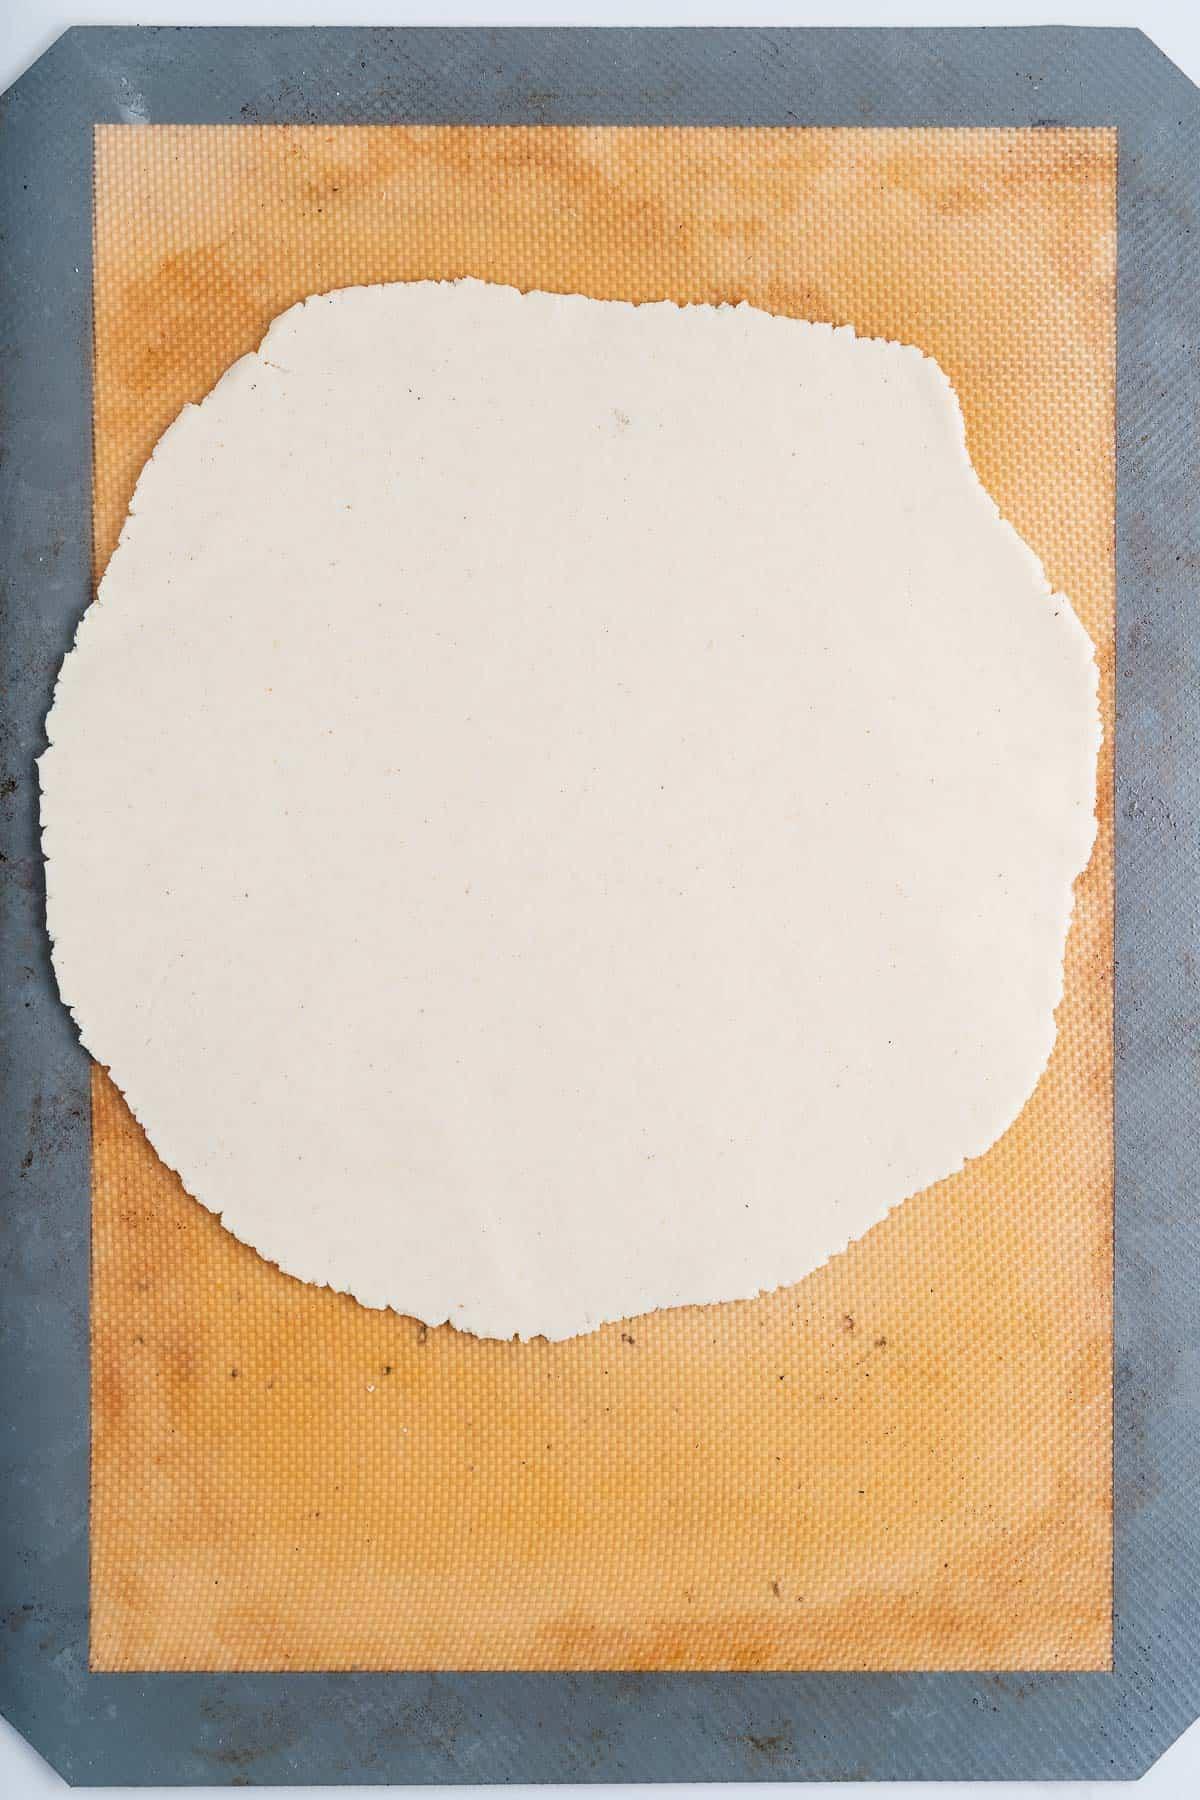 Raw Corn Tortilla on a Baking Mat